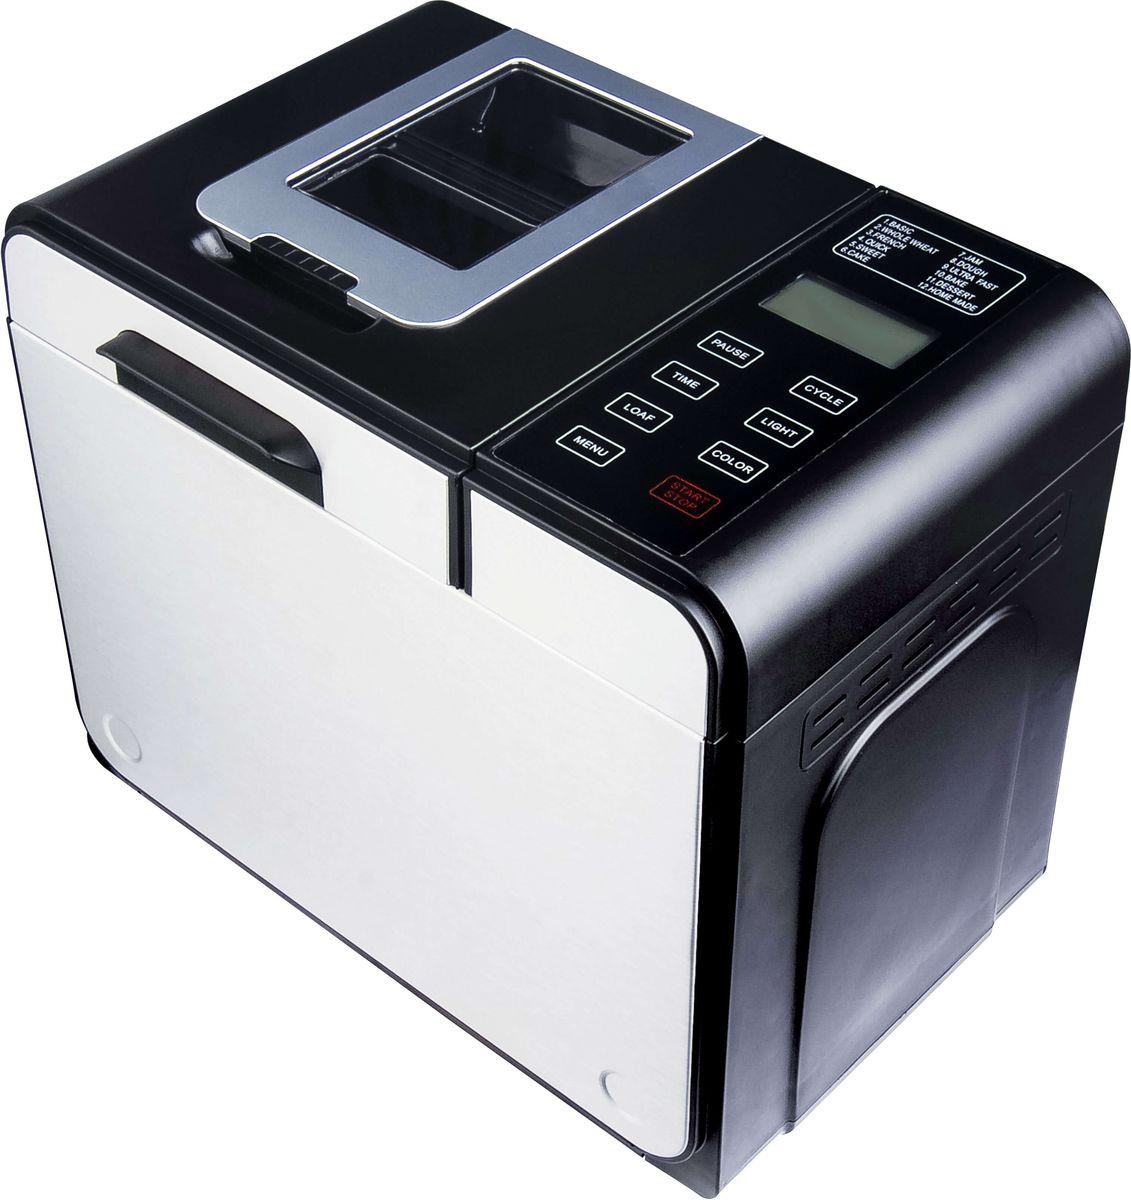 Gemlux GL-BM-775, Silver, Black хлебопечкаGL-BM-775Хлебопечка Gemlux GL-BM-775 - это сочетание широкой функциональности, надежности и высокого качества исполнения. Модель имеет стильный корпус из пластмассы со вставками из алюминия. Вы можете выбрать три варианта цвета корочки (светлая, средняя, румяная), два варианта веса буханки (750 и 900 г), отсрочить старт до 13 часов и при необходимости подогревать готовое изделие в течение 60 минут. В случае кратковременного отключения электричества (до 15 минут) после восстановления энергоснабжения устройство продолжит выполнение прерванной программы.Хлебопечка Gemlux GL-BM-775 имеет электронное управление с 11 стандартными программами. Для опытных домашних мастеров предусмотрена также возможность создания собственной программы (кнопка Home Made). Хлебопечка может выпекать не только обычный белый хлеб, но и французский, цельнозерновой, бездрожжевой и сдобный, а также замешивать и расстаивать тесто, готовить десерты и варить джемы и мармелады. Устройство оснащено съемной чашей с антипригарным покрытием. В комплект поставки входит мерная ложка, мерный стакан, лопасть для замеса теста и дозатор, который позволяет в процессе замеса добавлять в тесто орехи и сухофрукты.